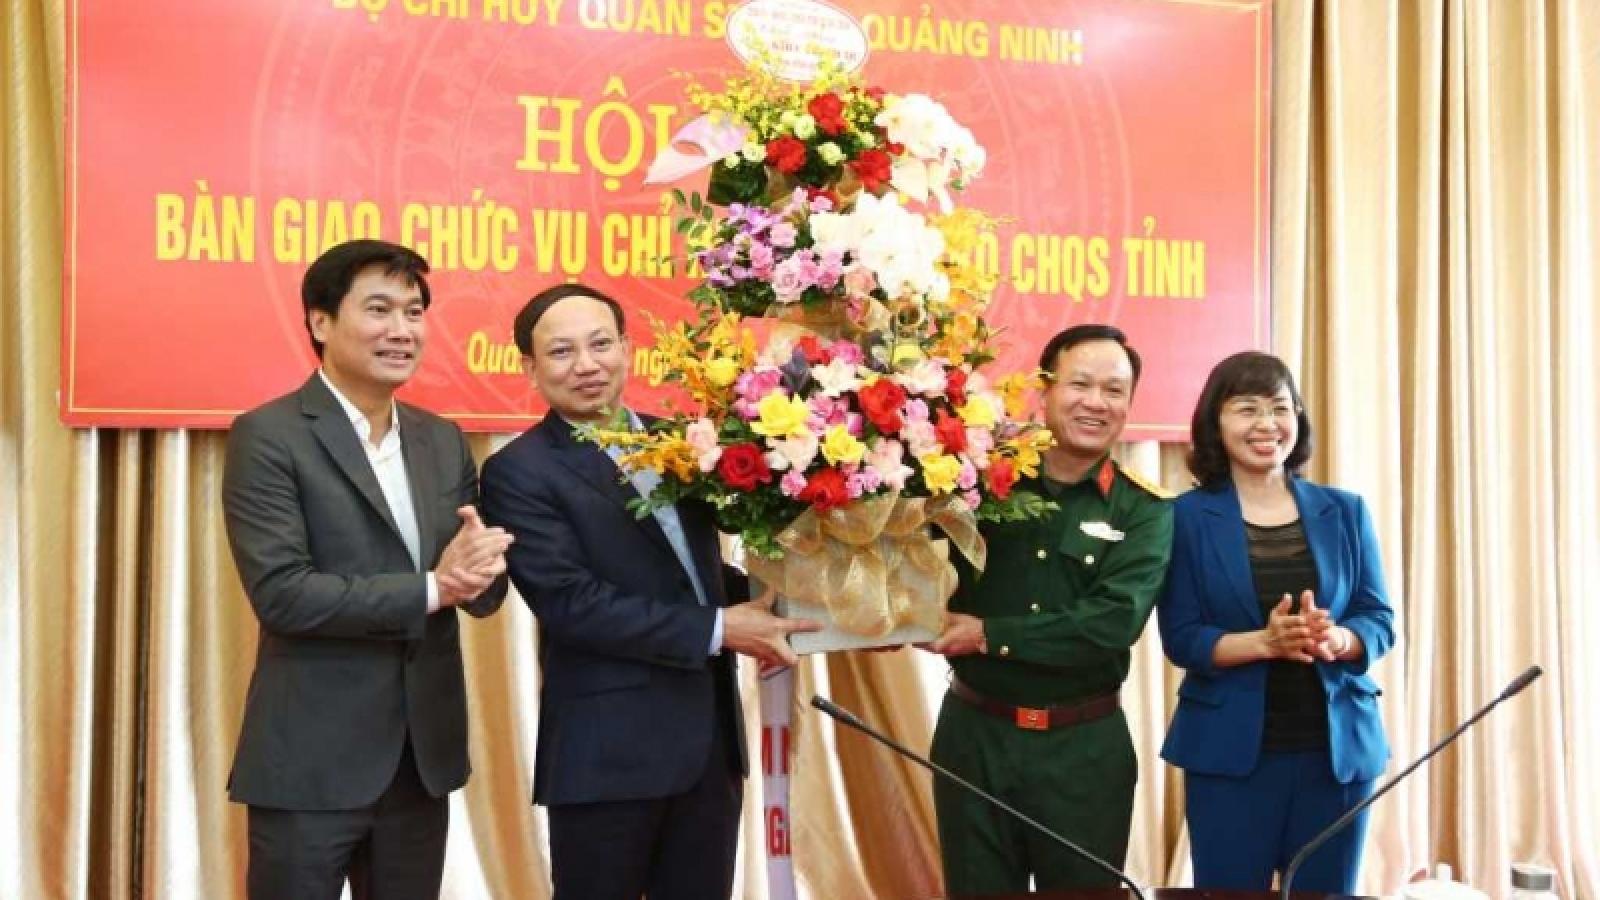 Đại tá Khúc Thành Dư giữ chức Chỉ huy trưởng Bộ Chỉ huy Quân sự tỉnh Quảng Ninh